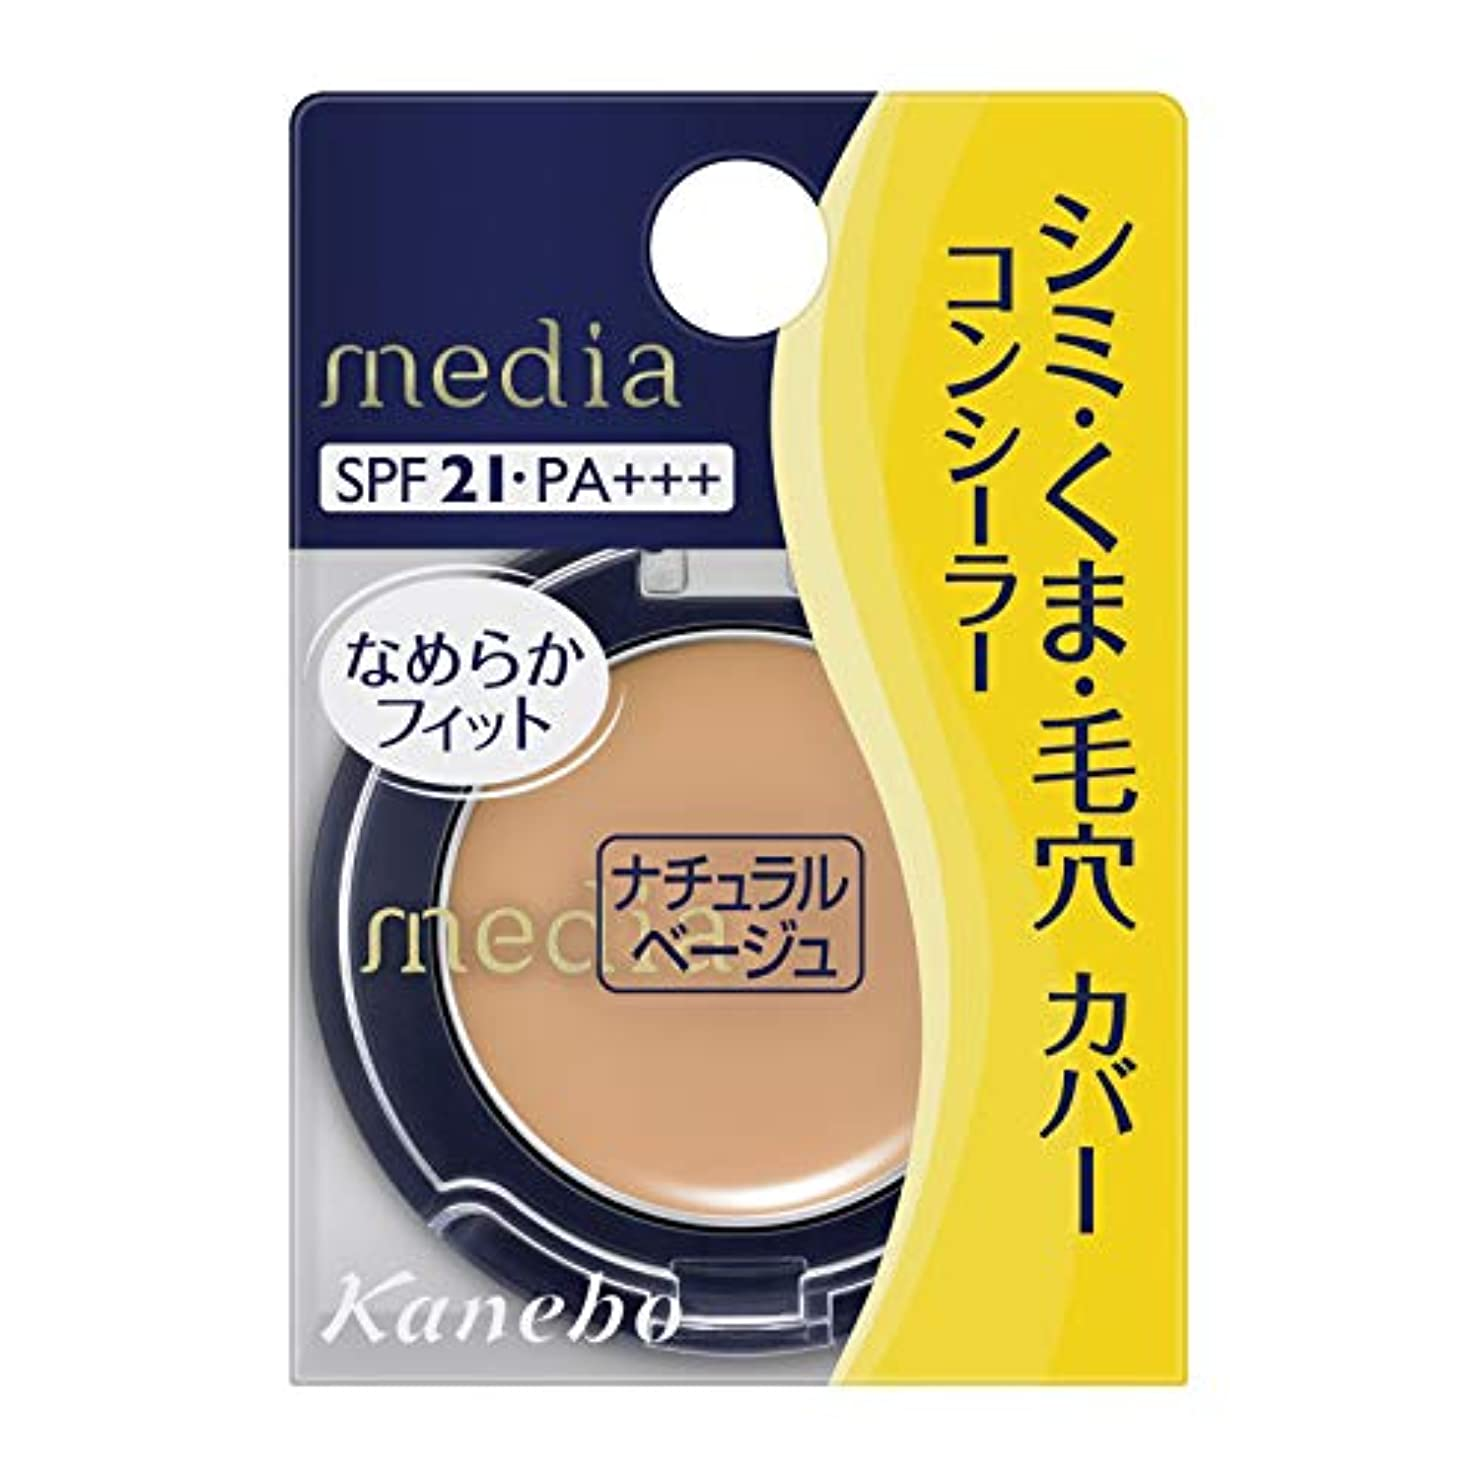 パフ栄光の処方するカネボウ化粧品 メディア コンシーラー S ナチュラルベージュ 1.7g